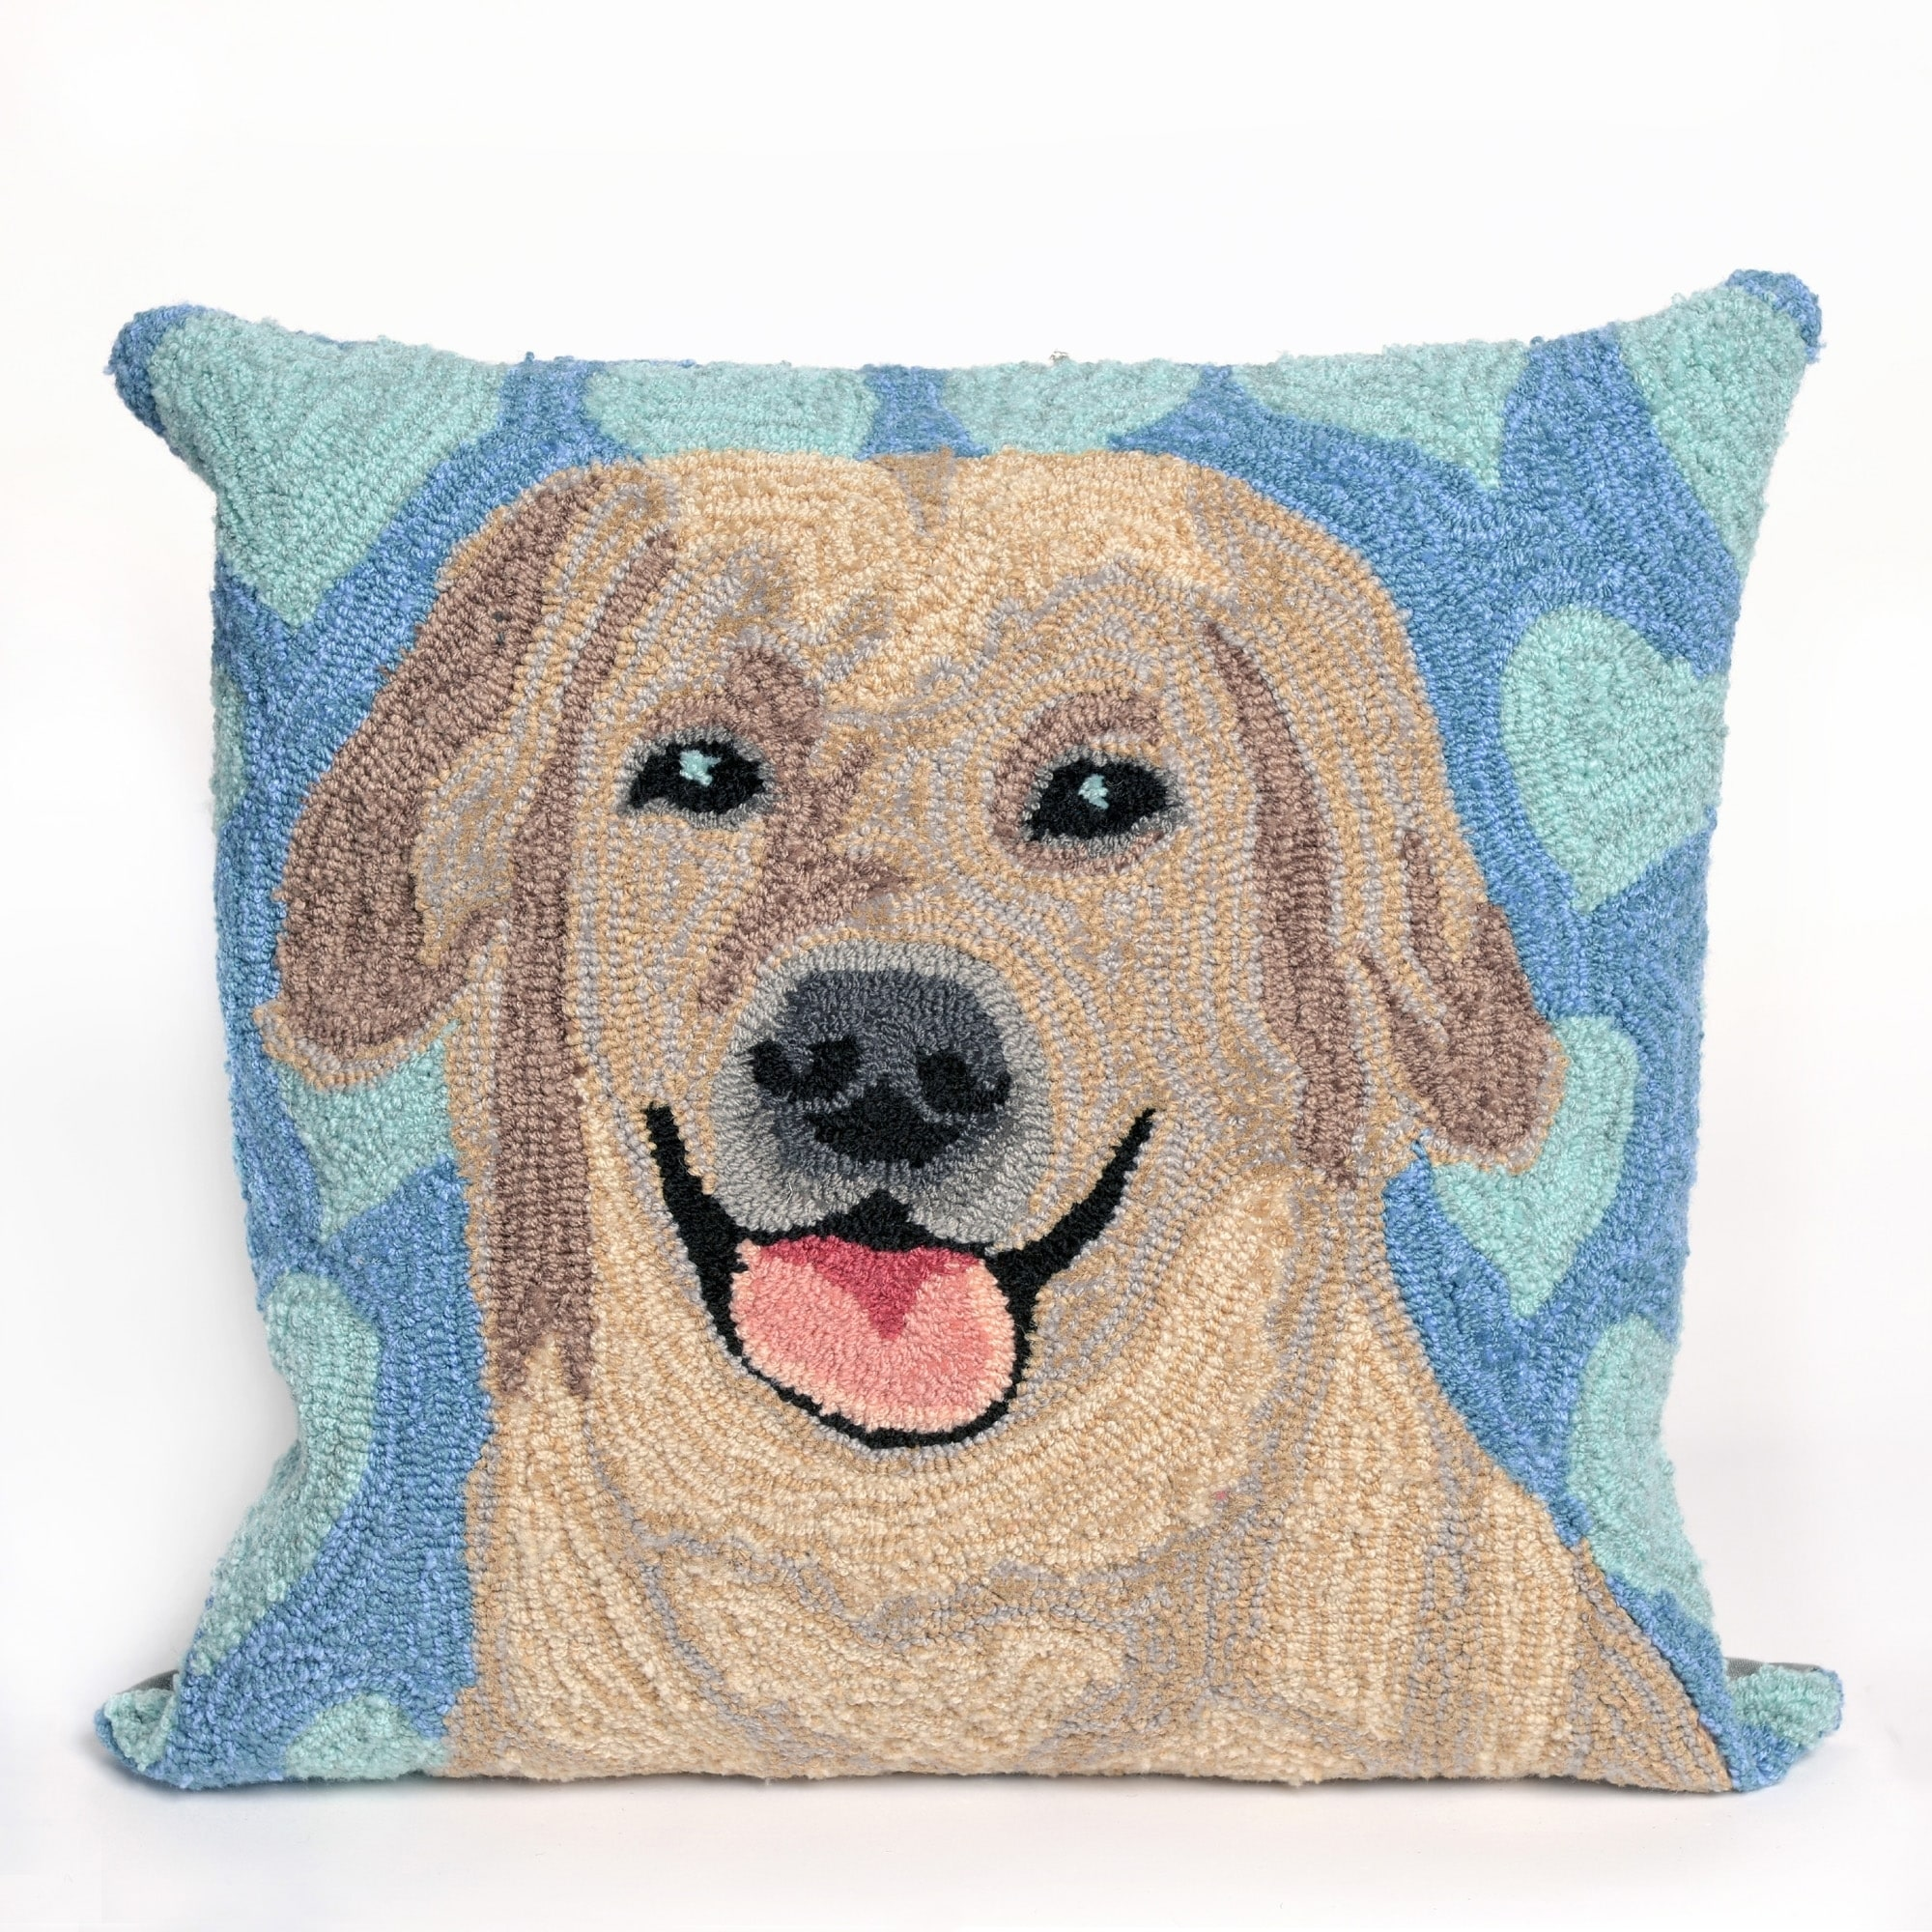 Liora Manne Lab Love Pillow (18 x 18)